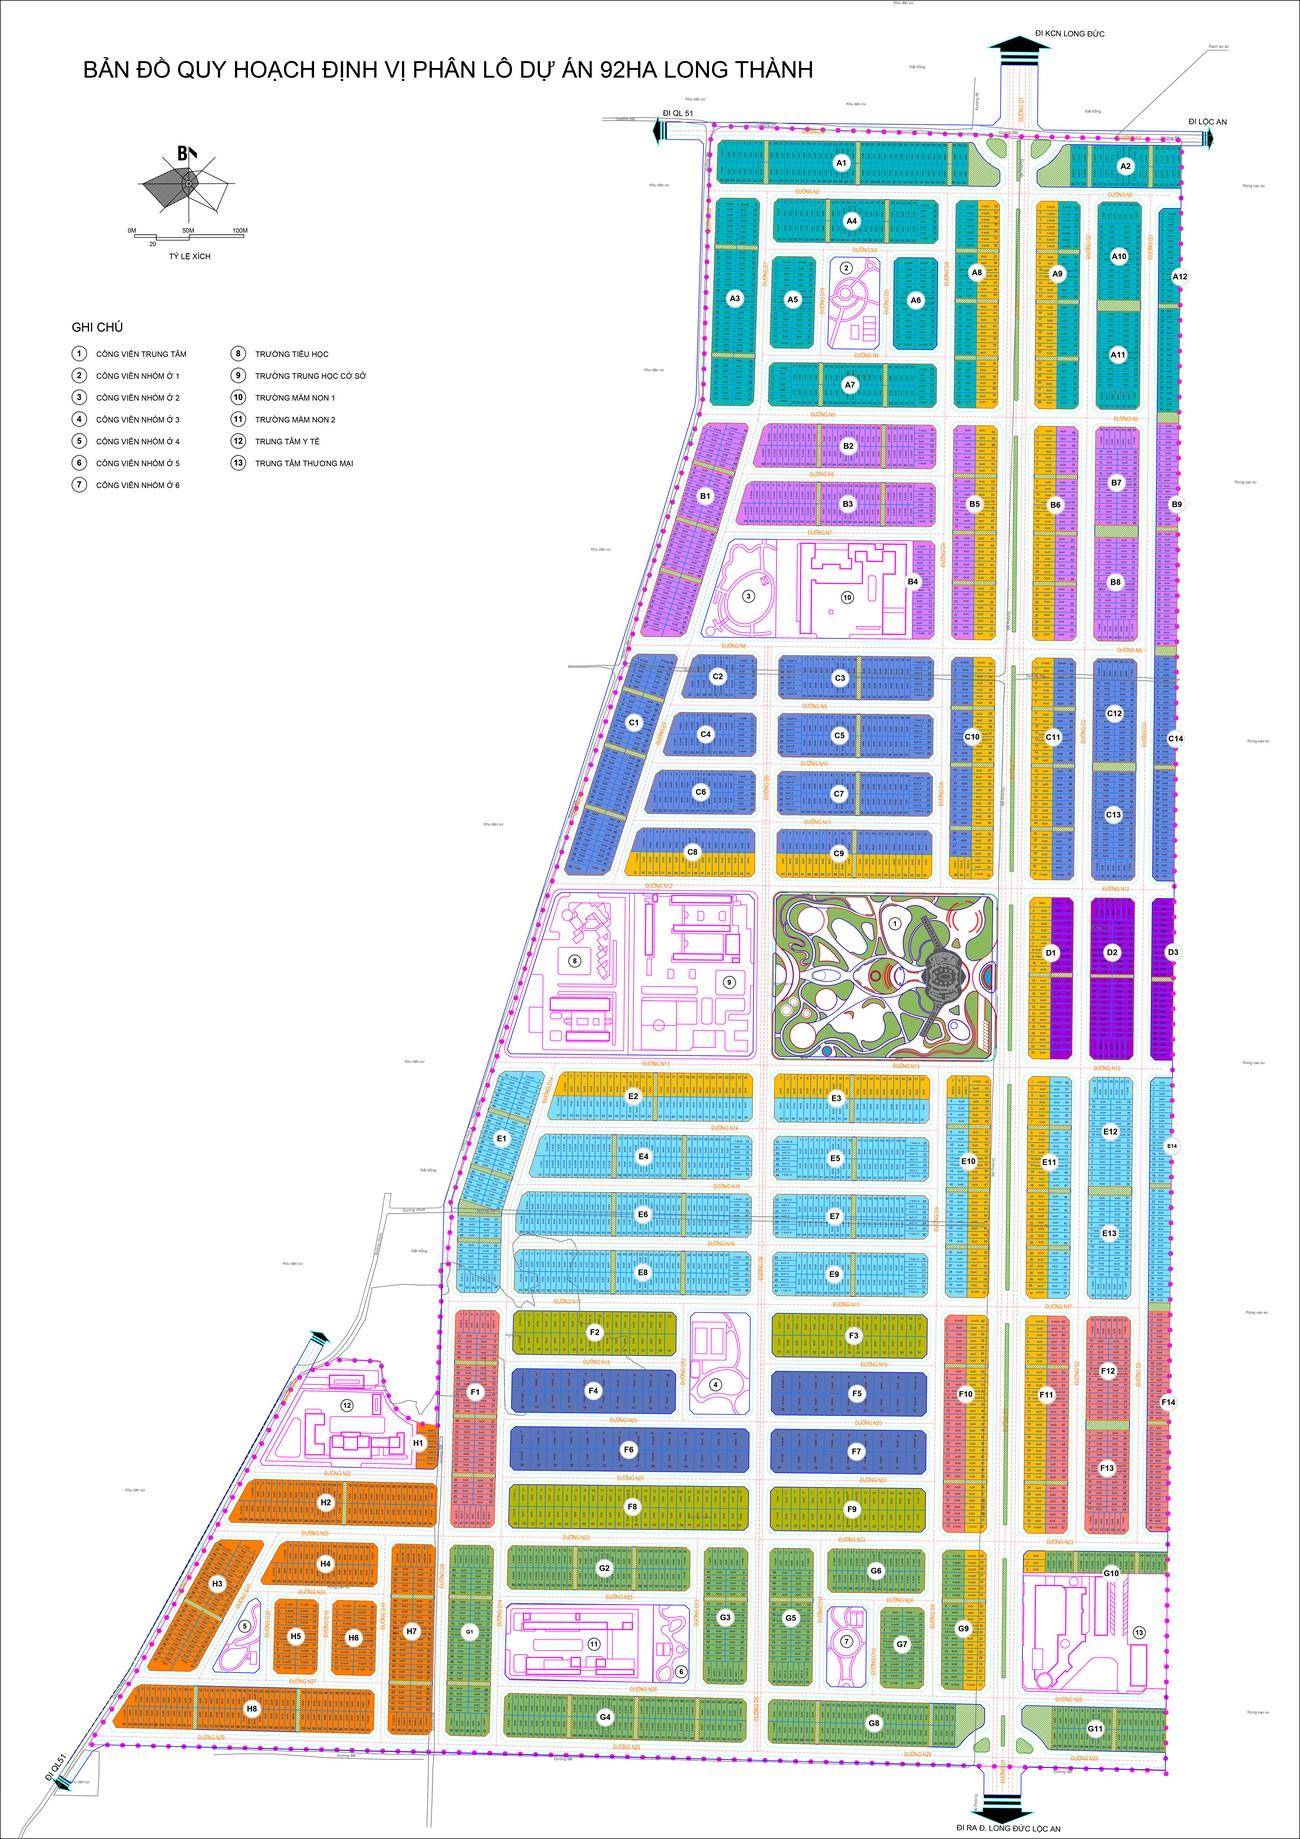 Bản đồ quy hoạch định vị phân lô dự án 92Ha Long Thành